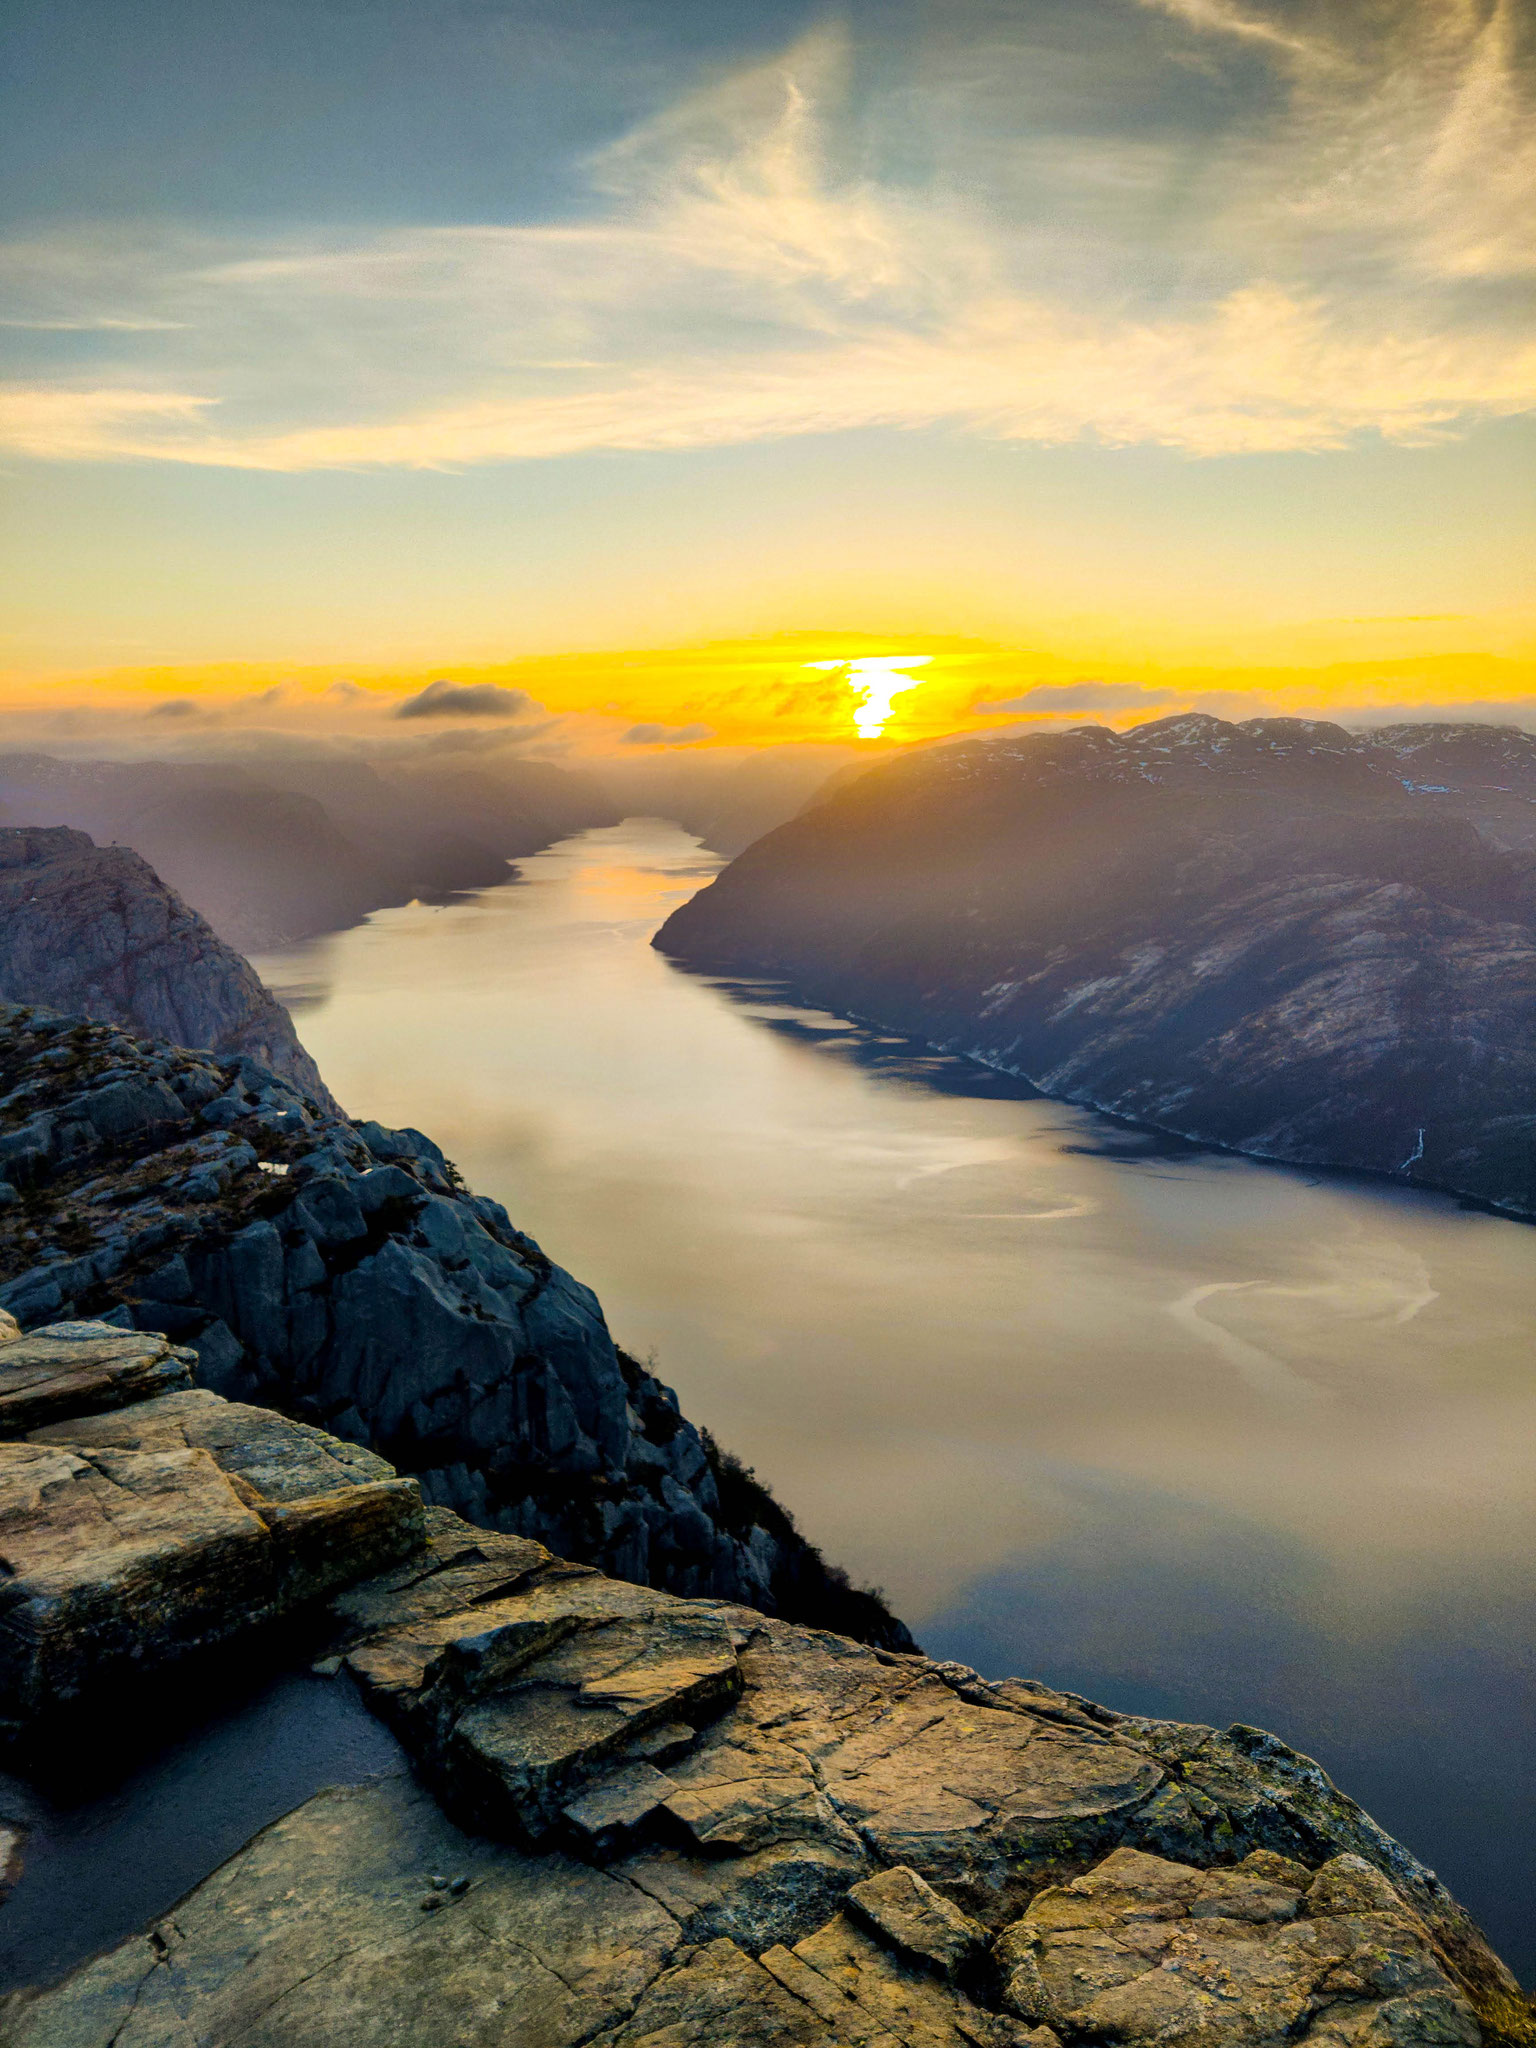 2. Platz: Sonnenaufgang über Preikestolen (Foto: Paul)